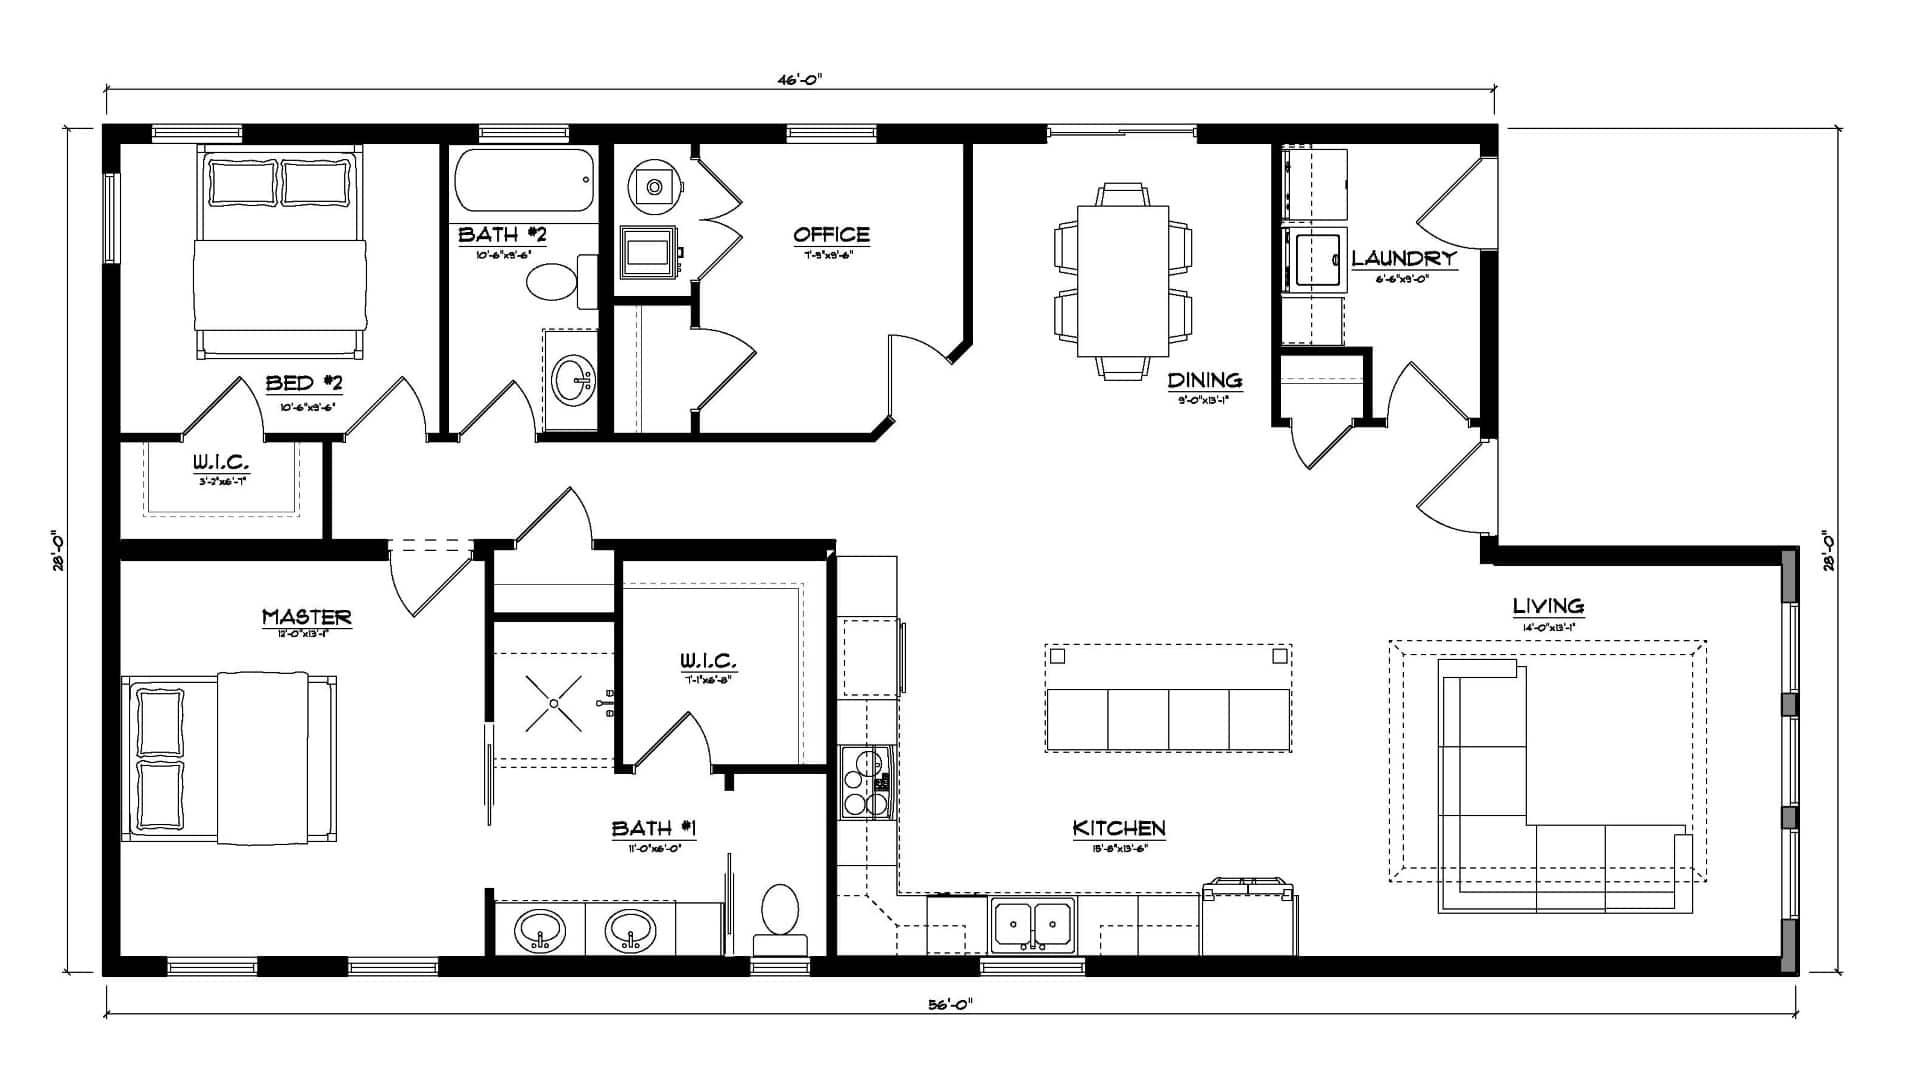 hight resolution of langley floor plan langley northstar systembuilt langley floor plan north star 4 6l engine diagram